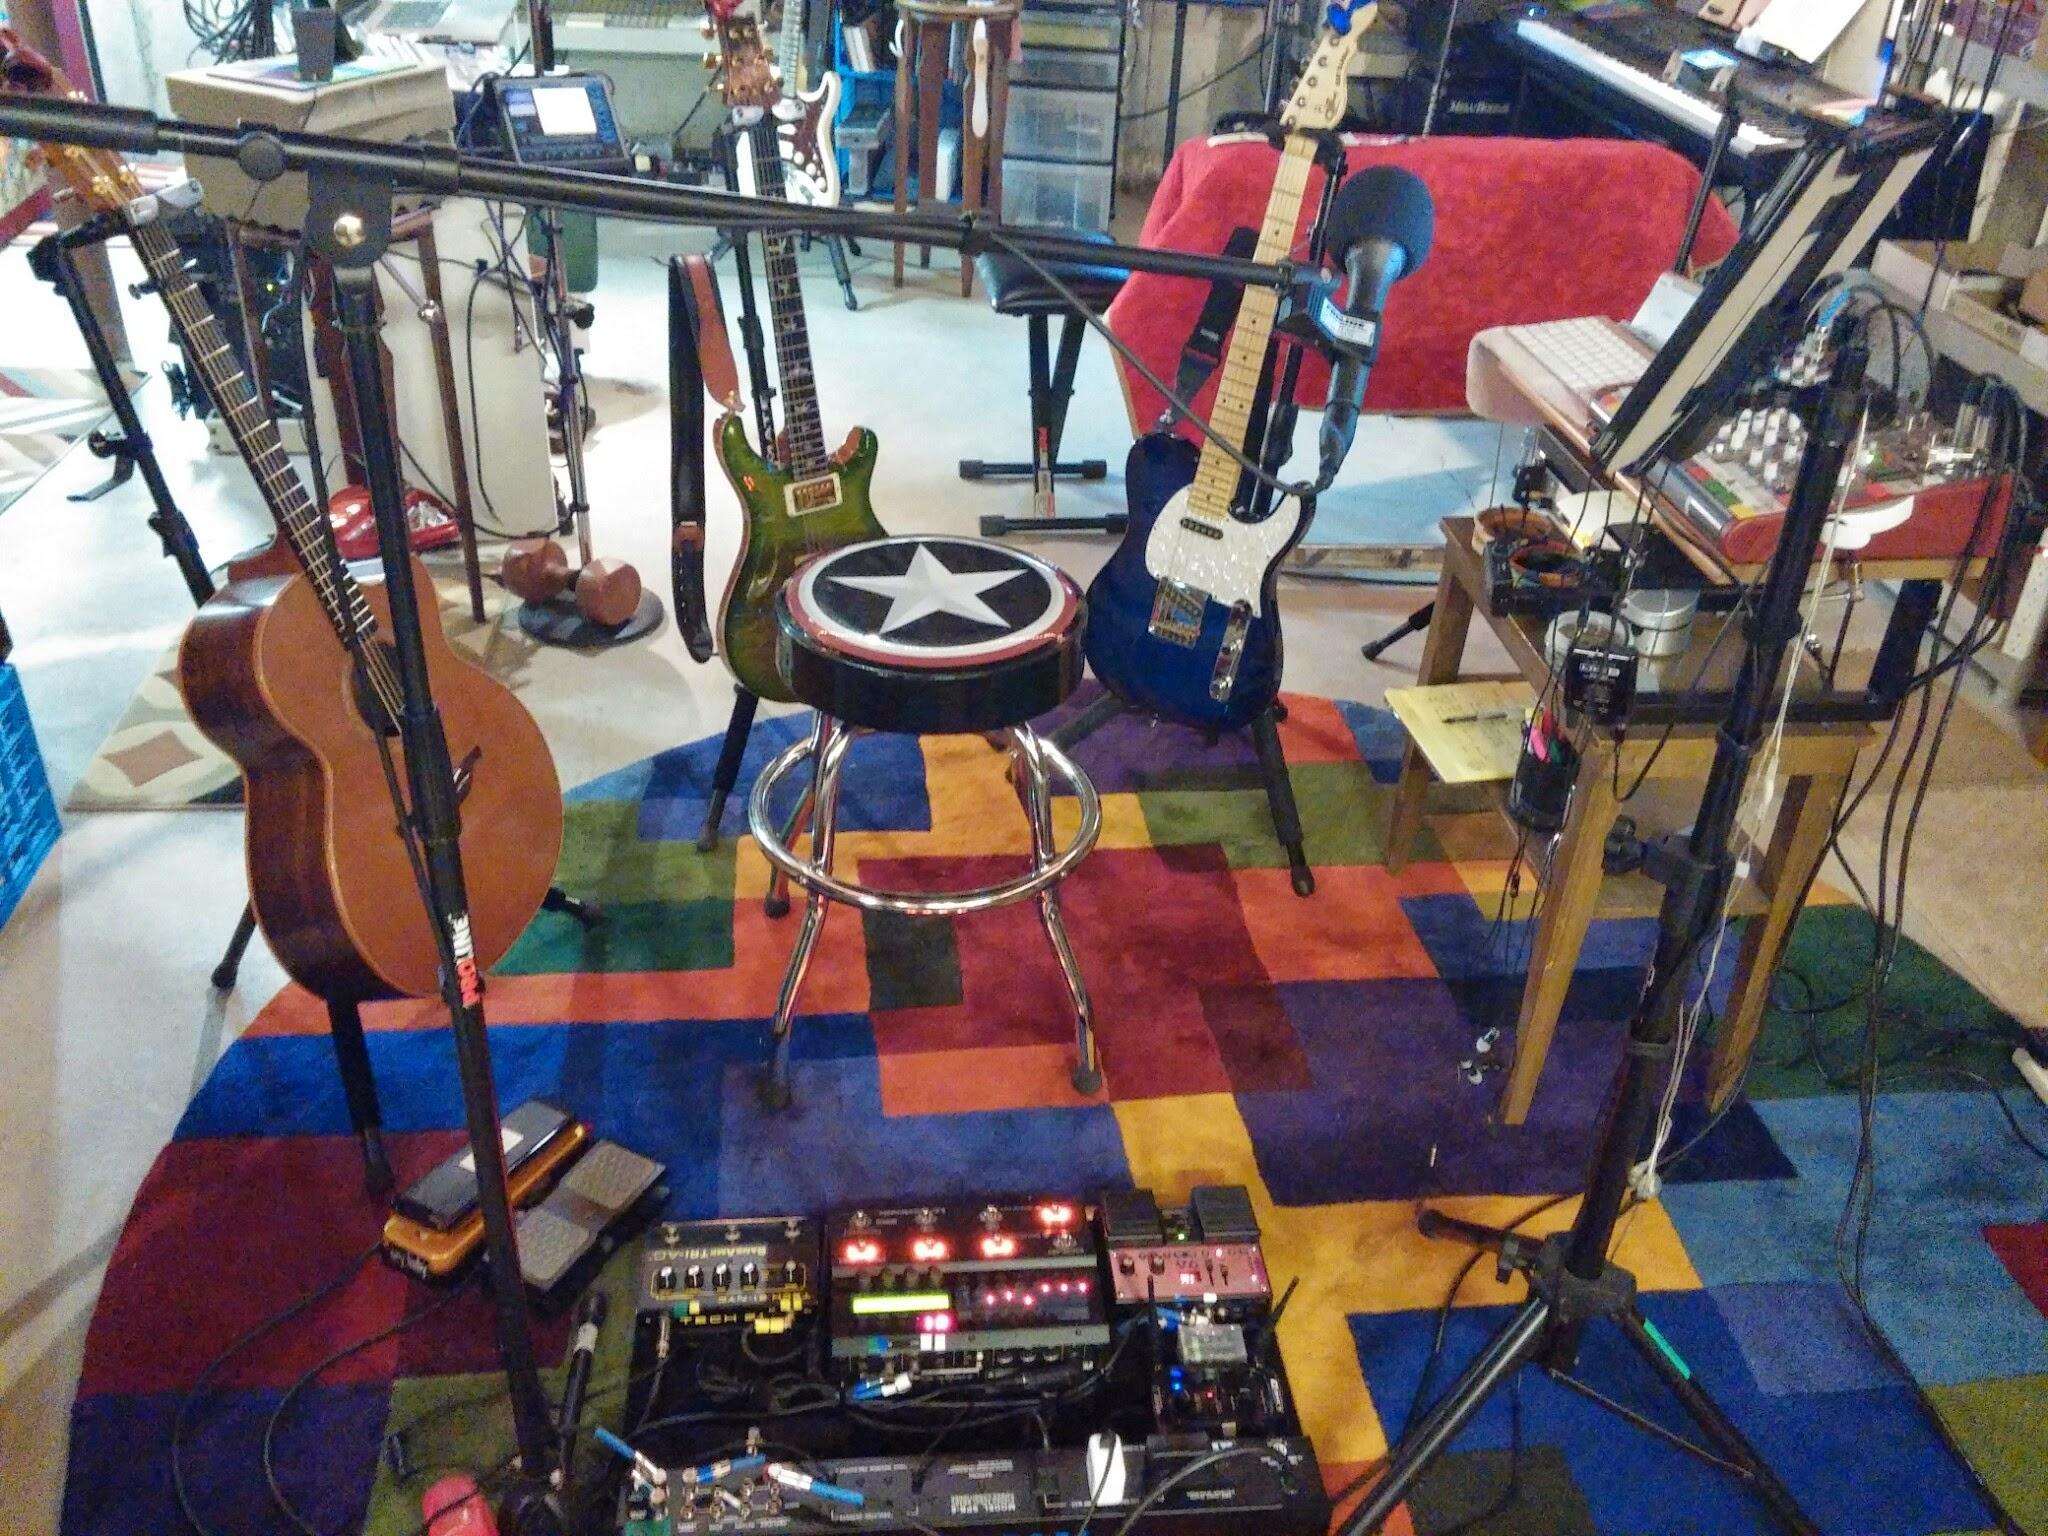 Many Guitars & Pedalboard IMG_20140924_104534.jpg